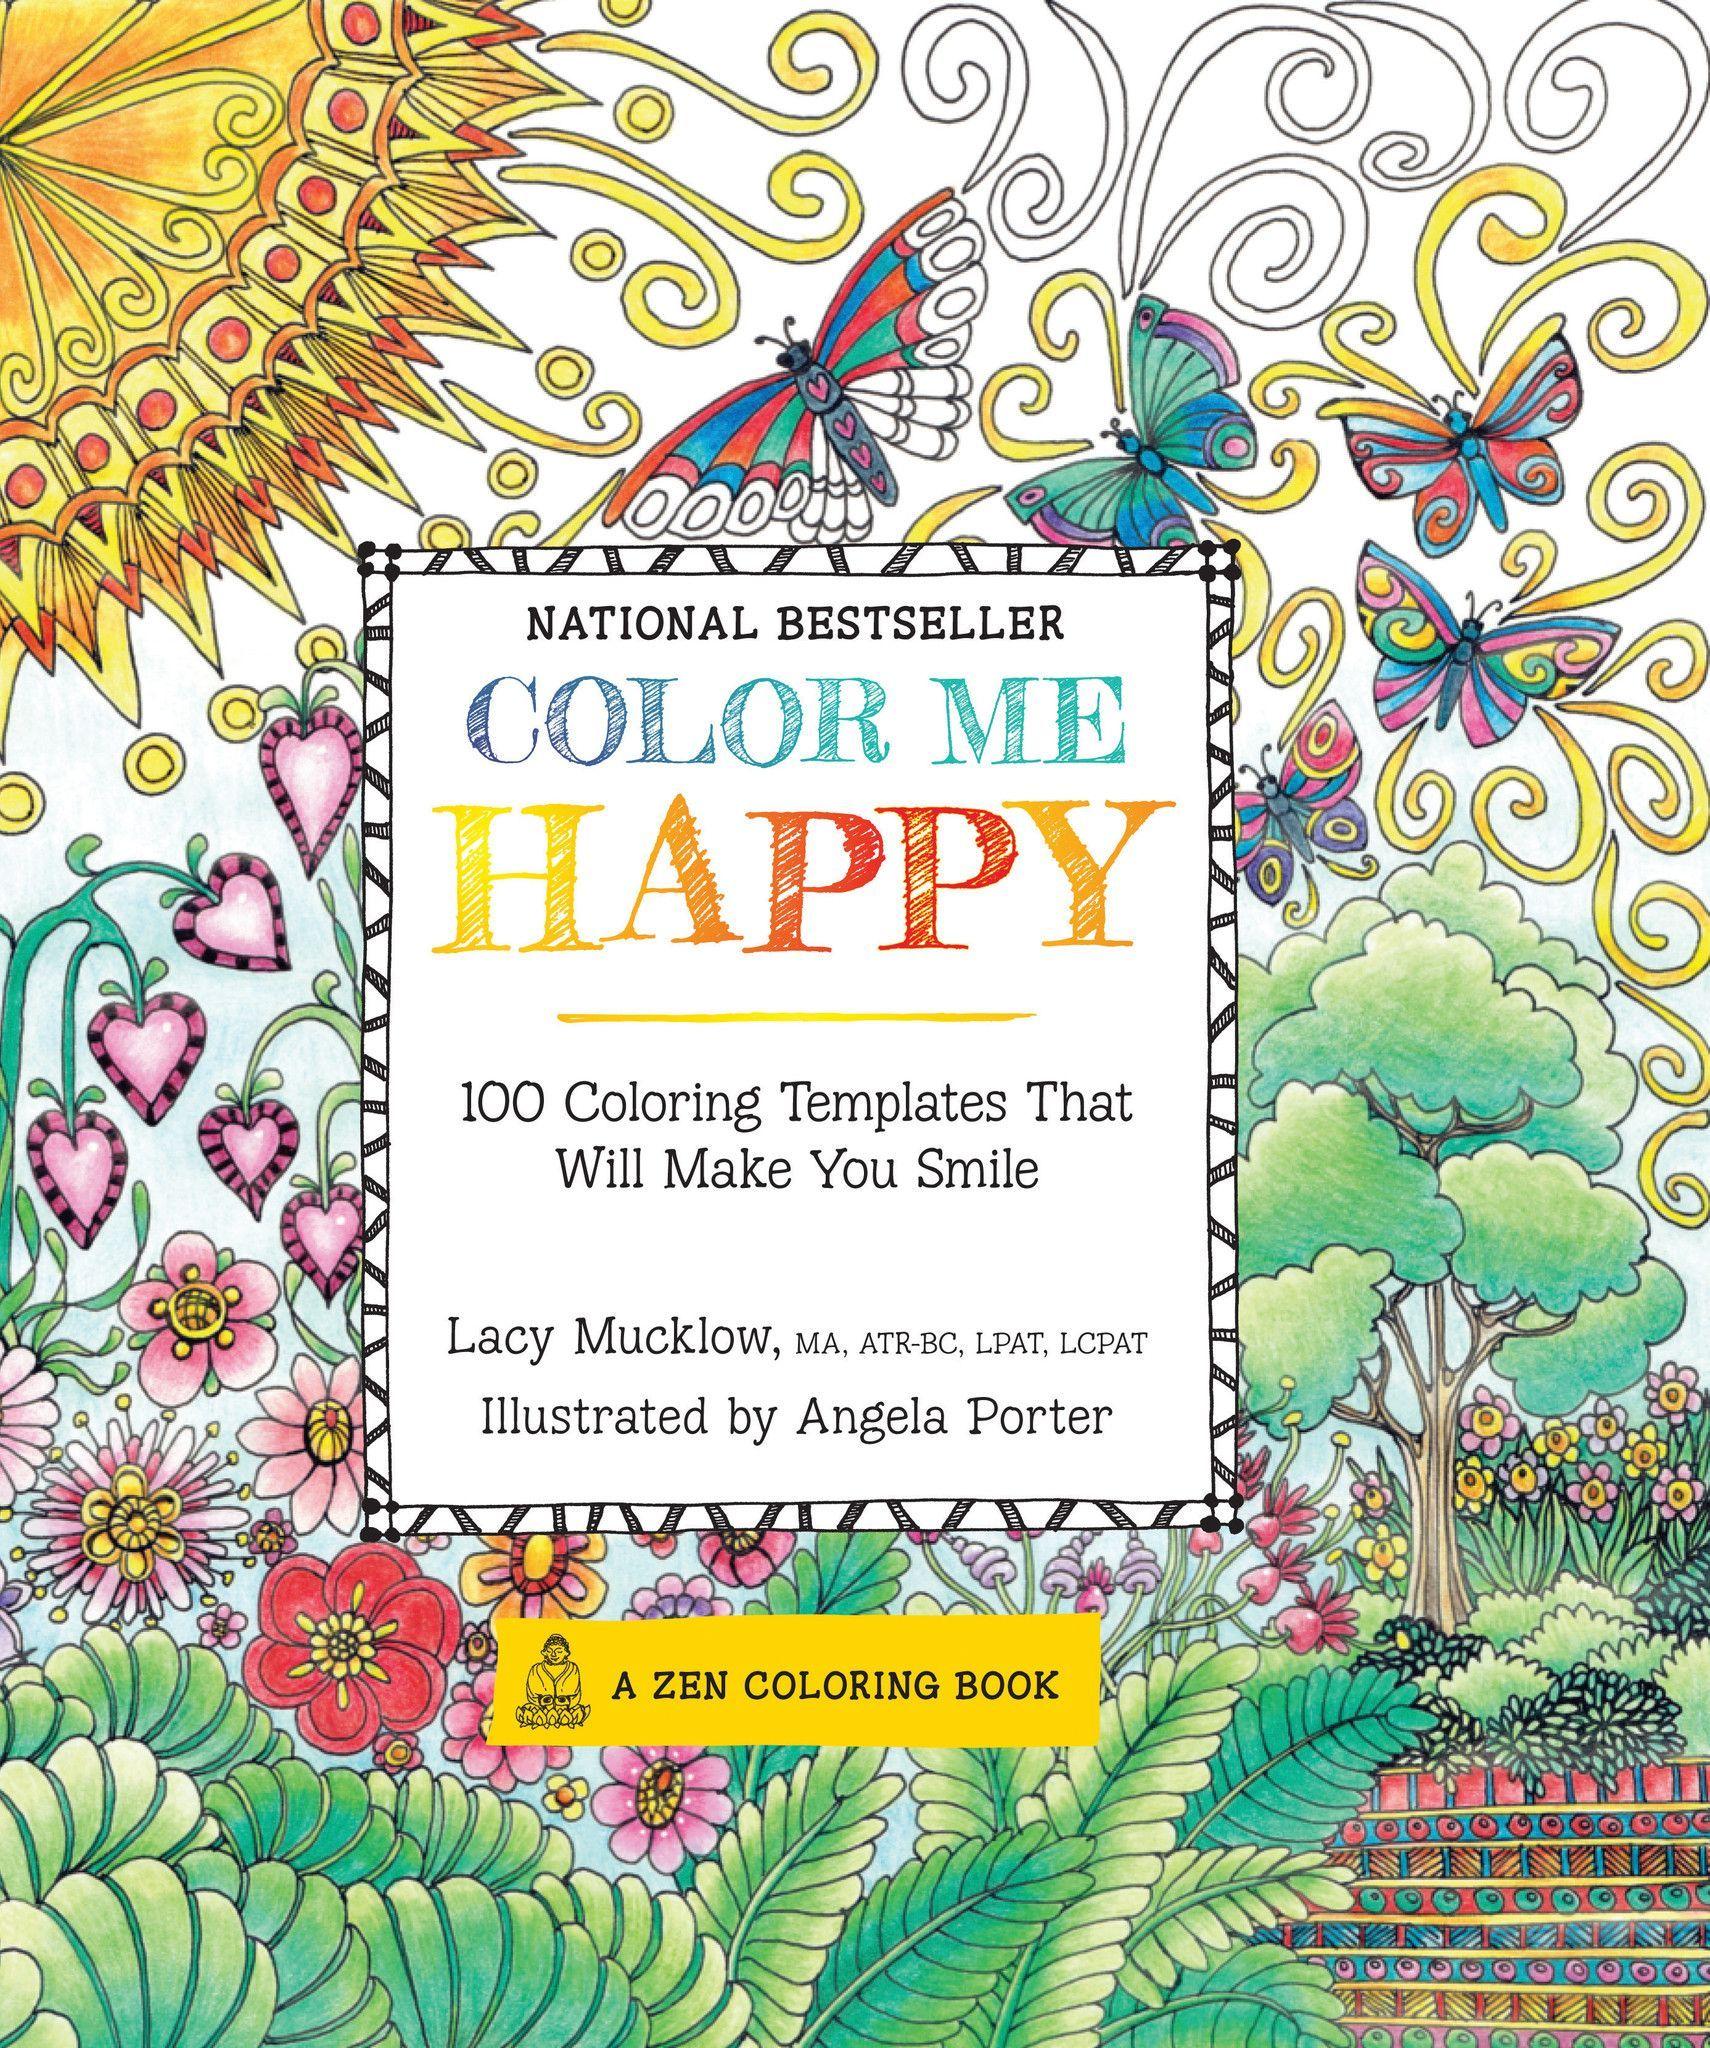 Color Me Happy Coloring Book Designs Coloring Books Coloring Books Zen Colors